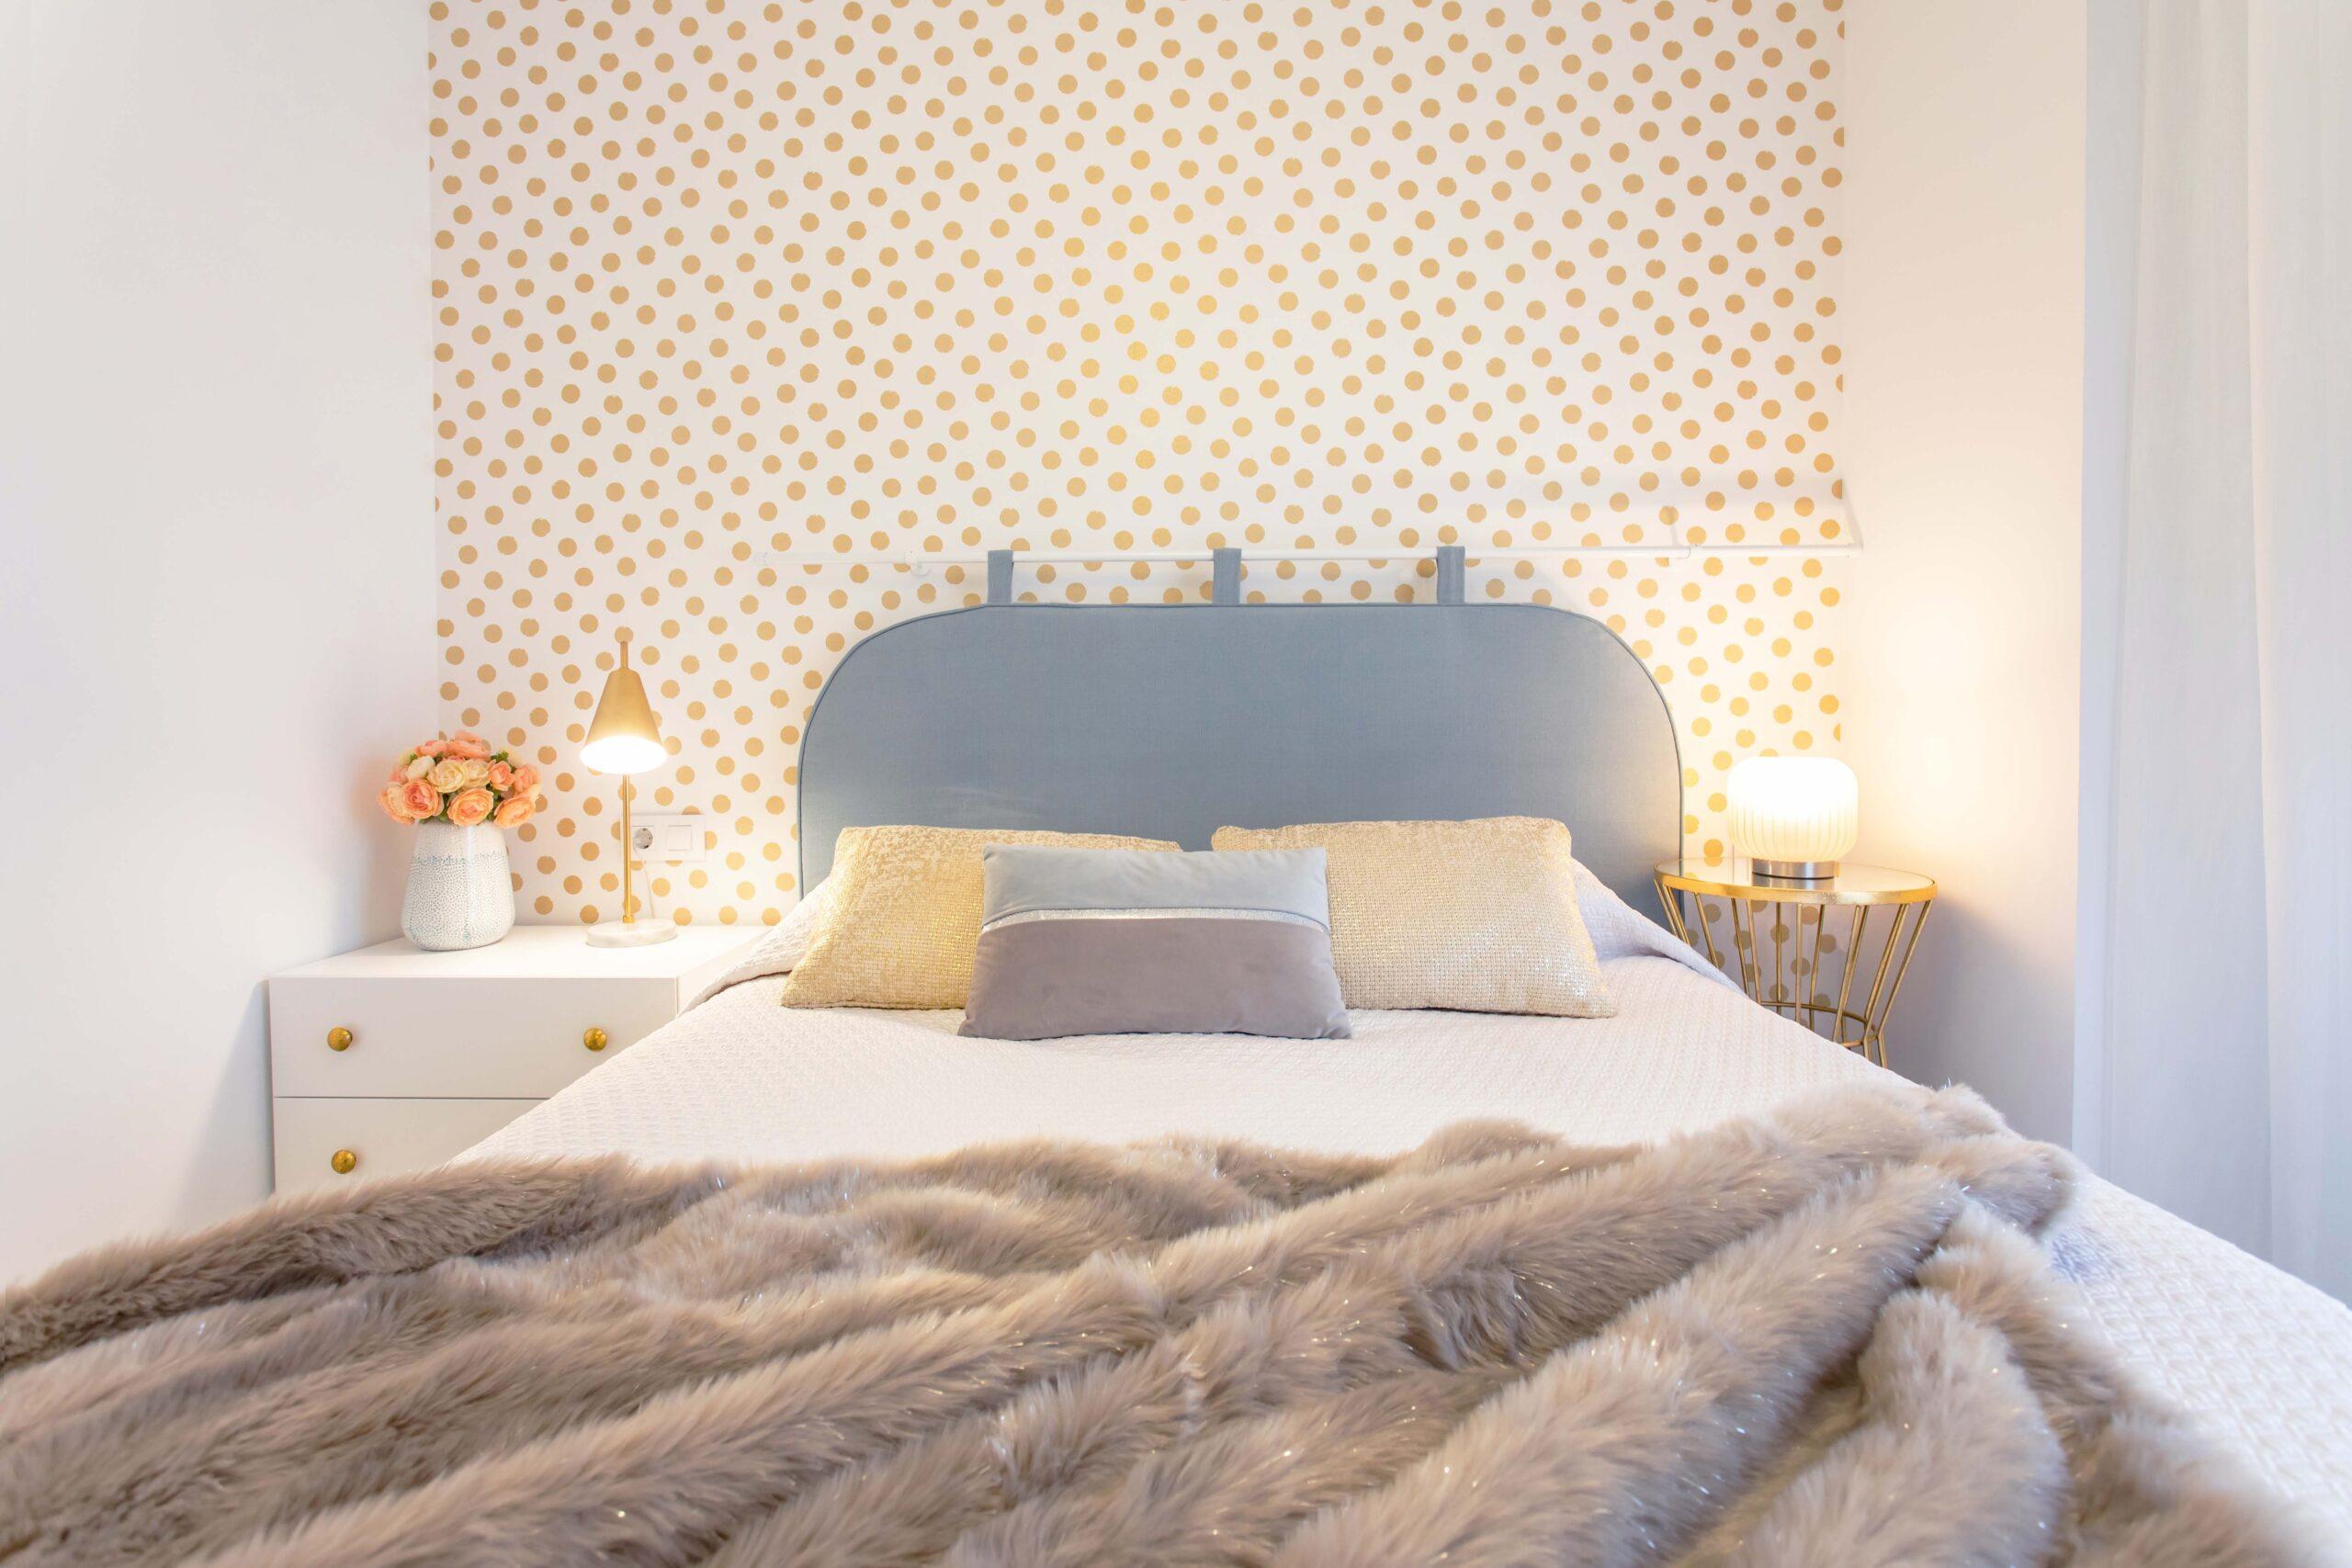 Dormitorio principal con papel decorativo de lunares dorado dando protagonismo al cabezal estilo hotel